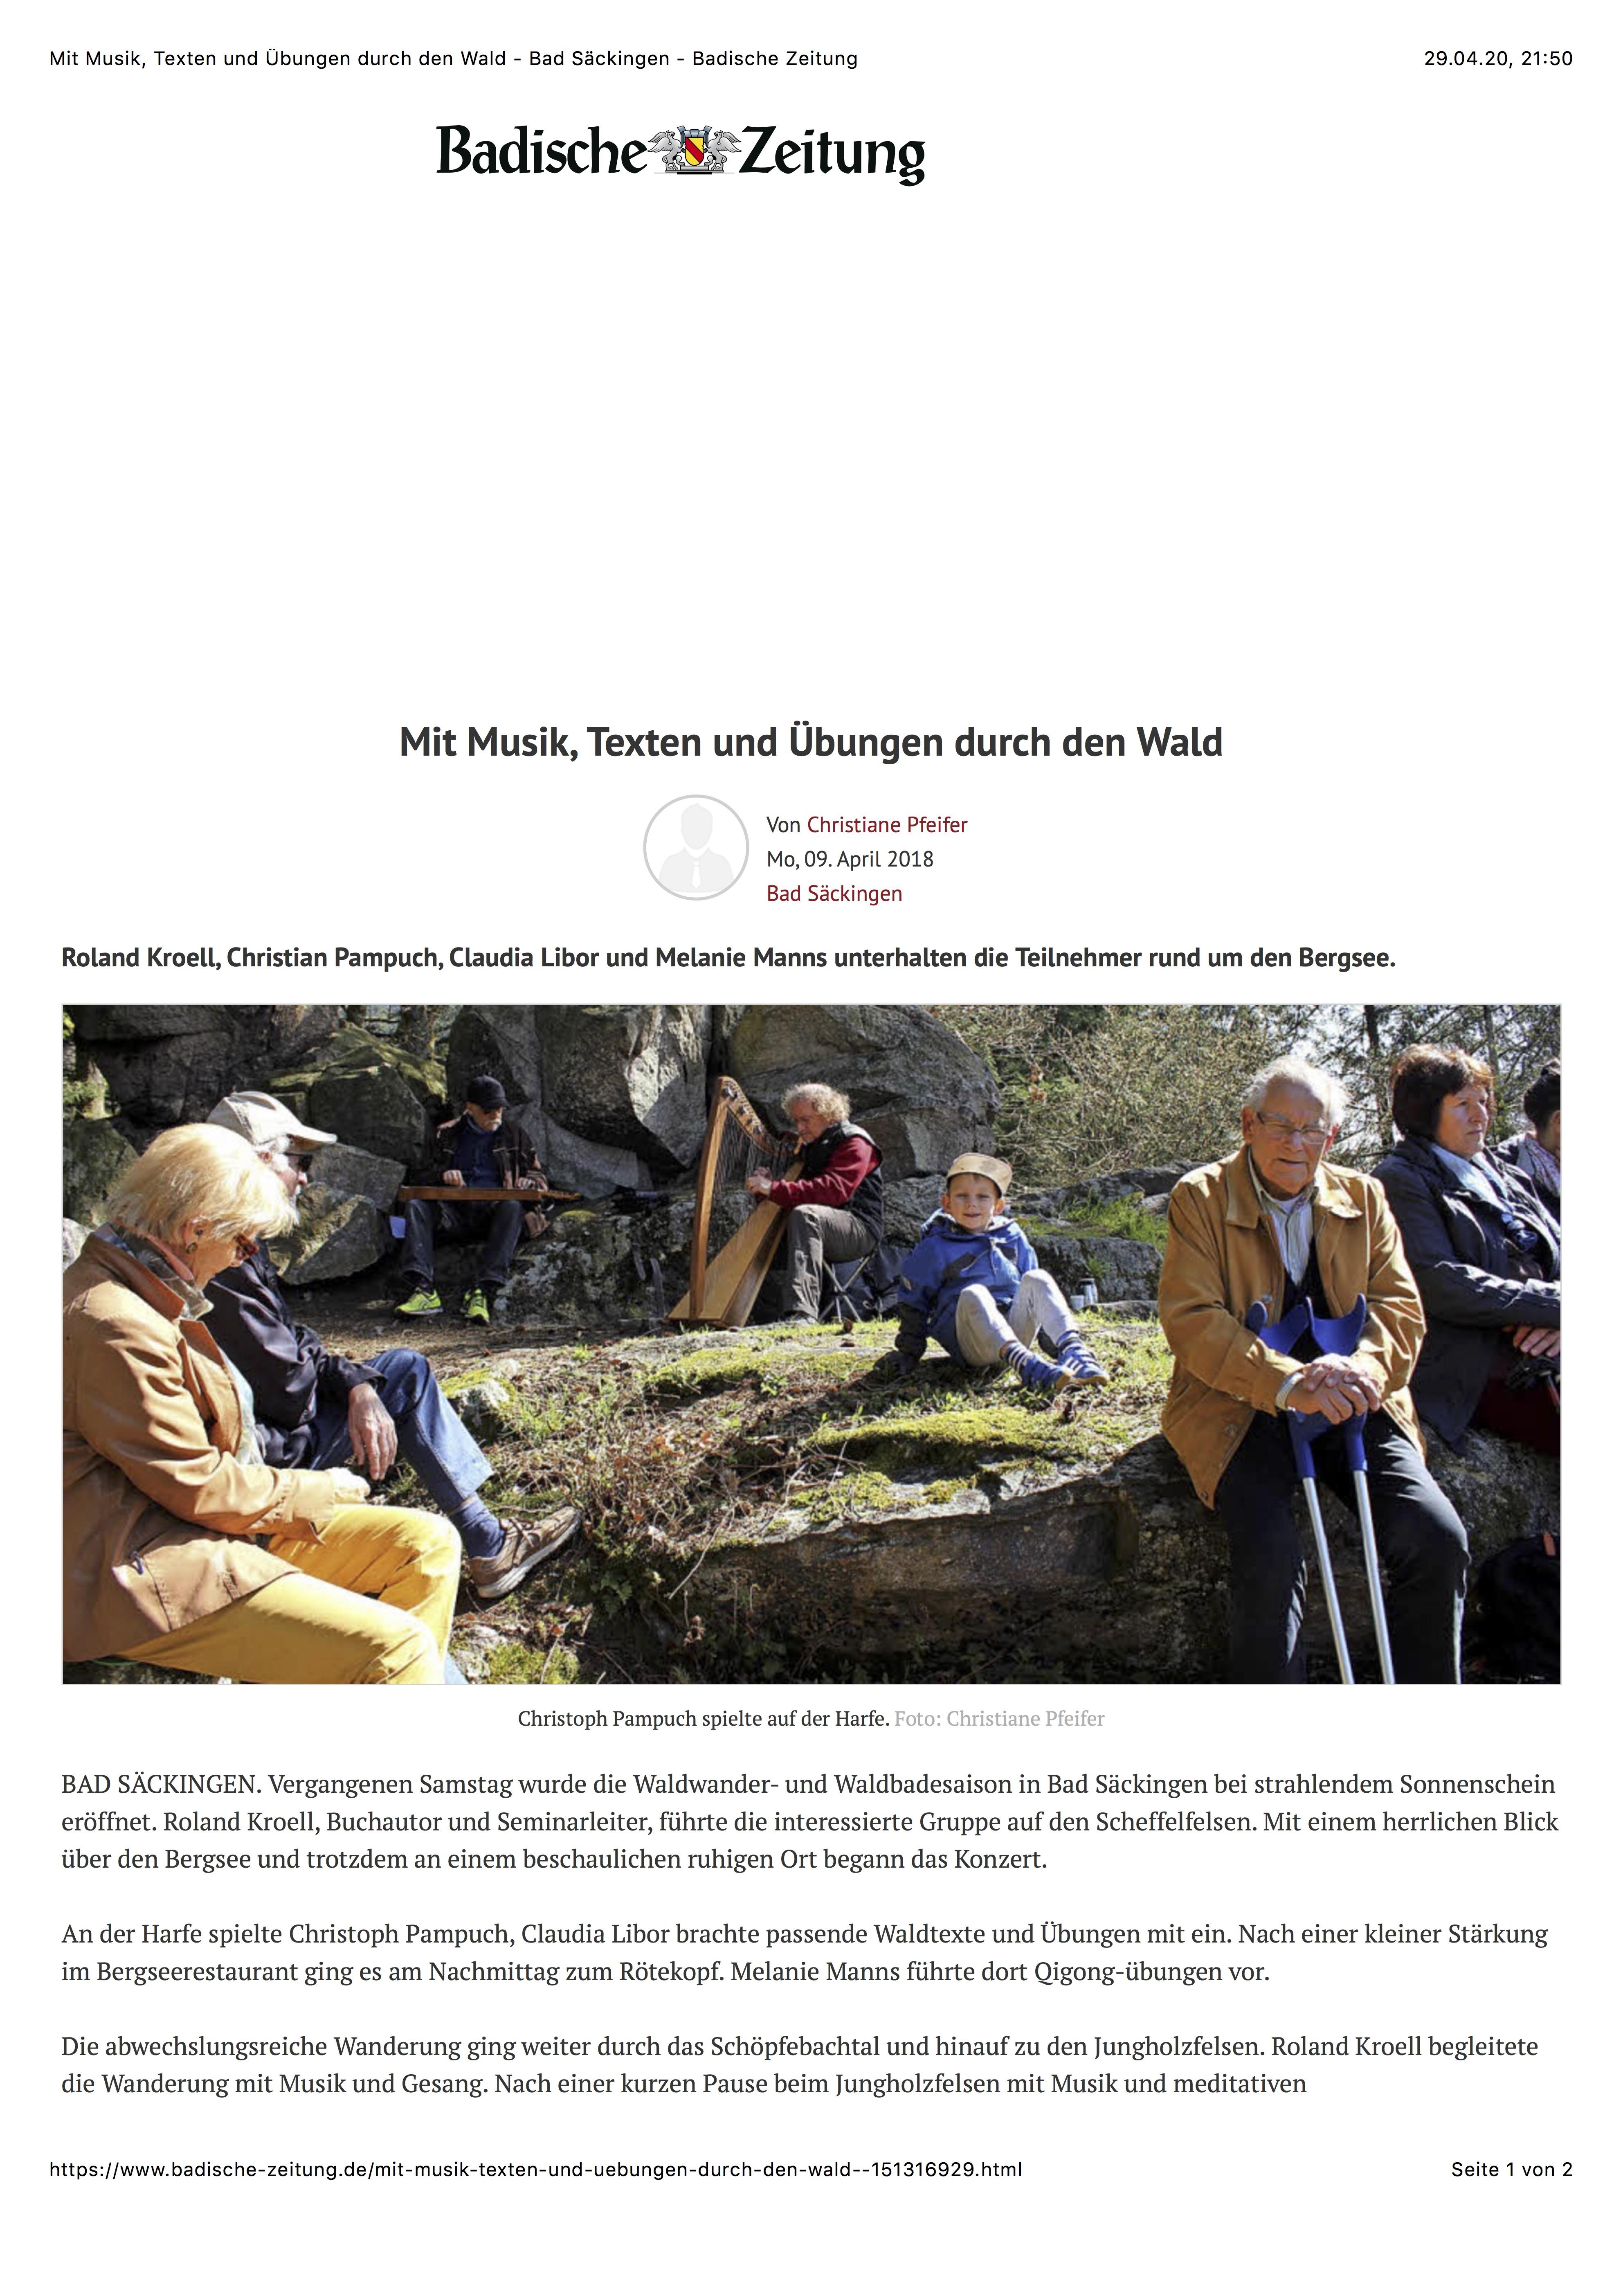 Mit Musik, Texten und Übungen durch den Wald - Bad Säckingen - Badische Zeitung